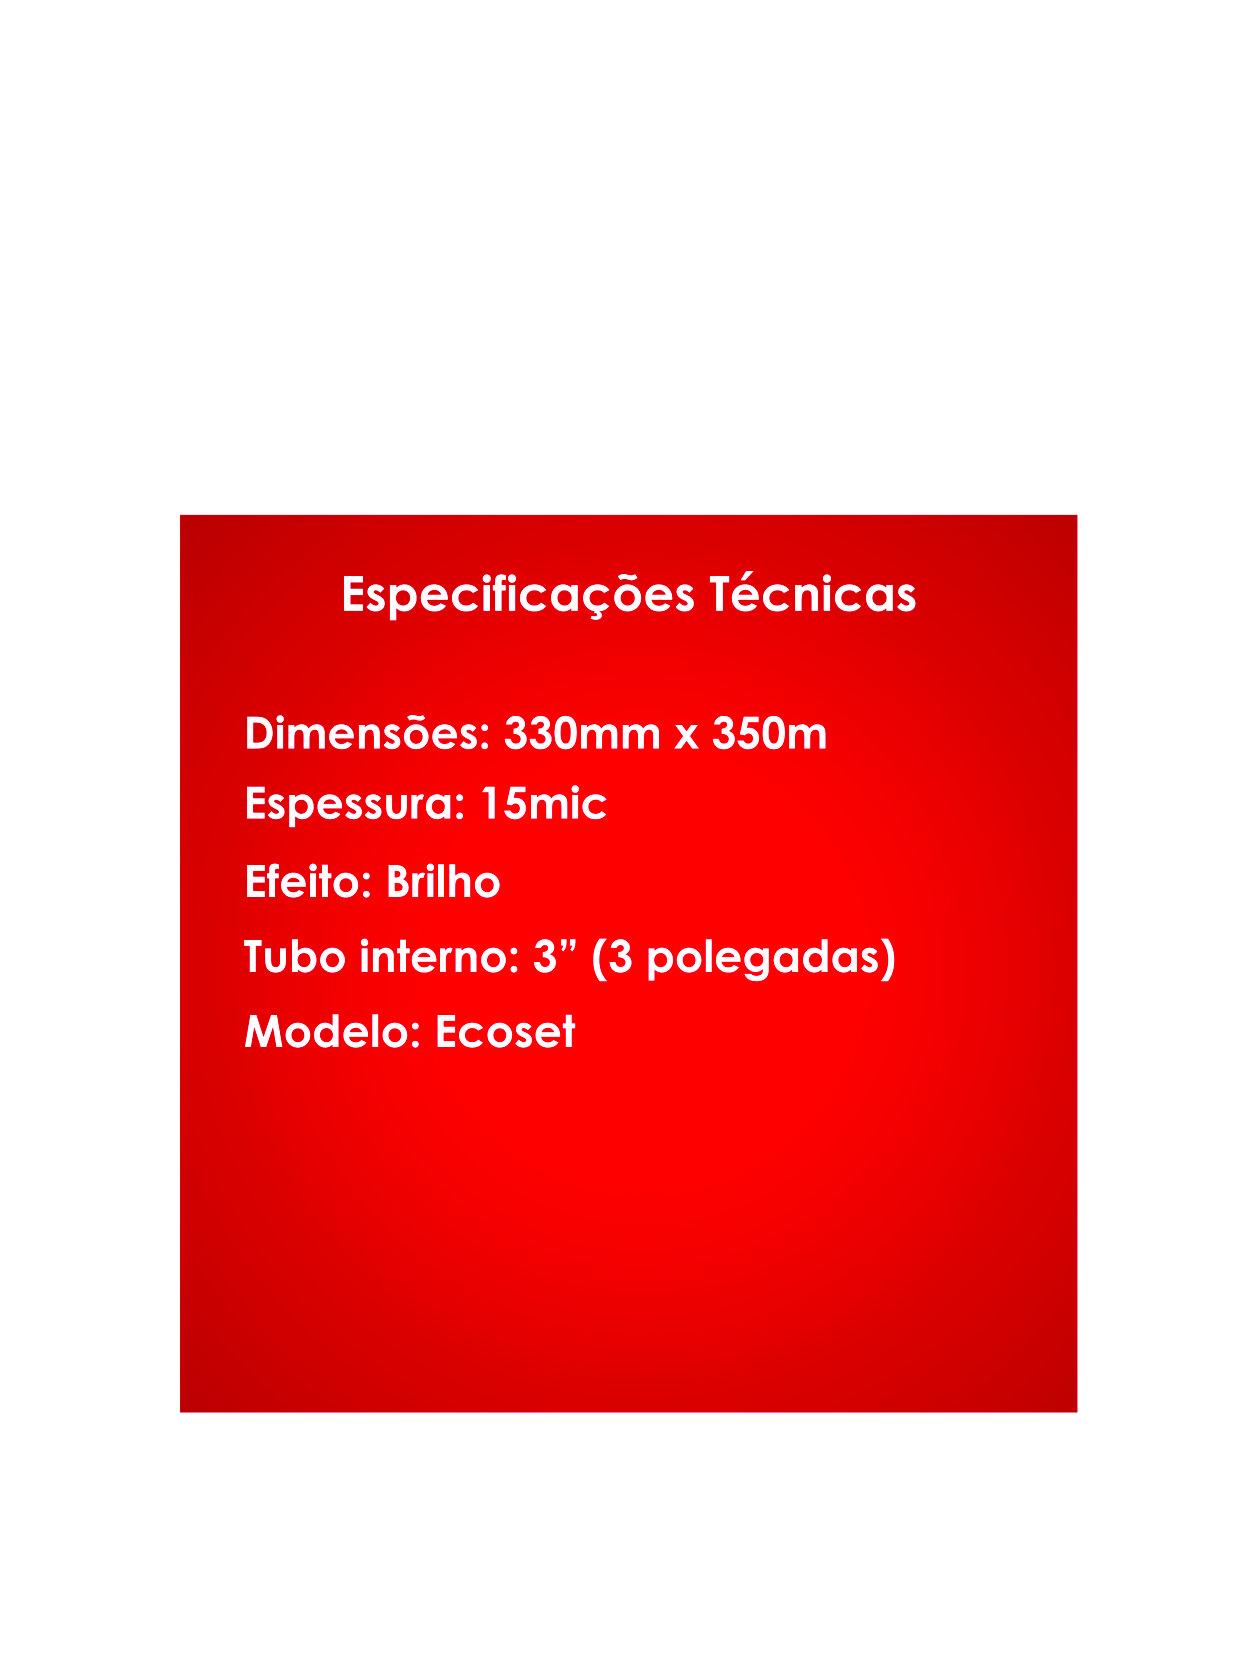 http://www.psgsuprimentos.com.br/view/_upload/produto/164/1588078472brilho.jpg